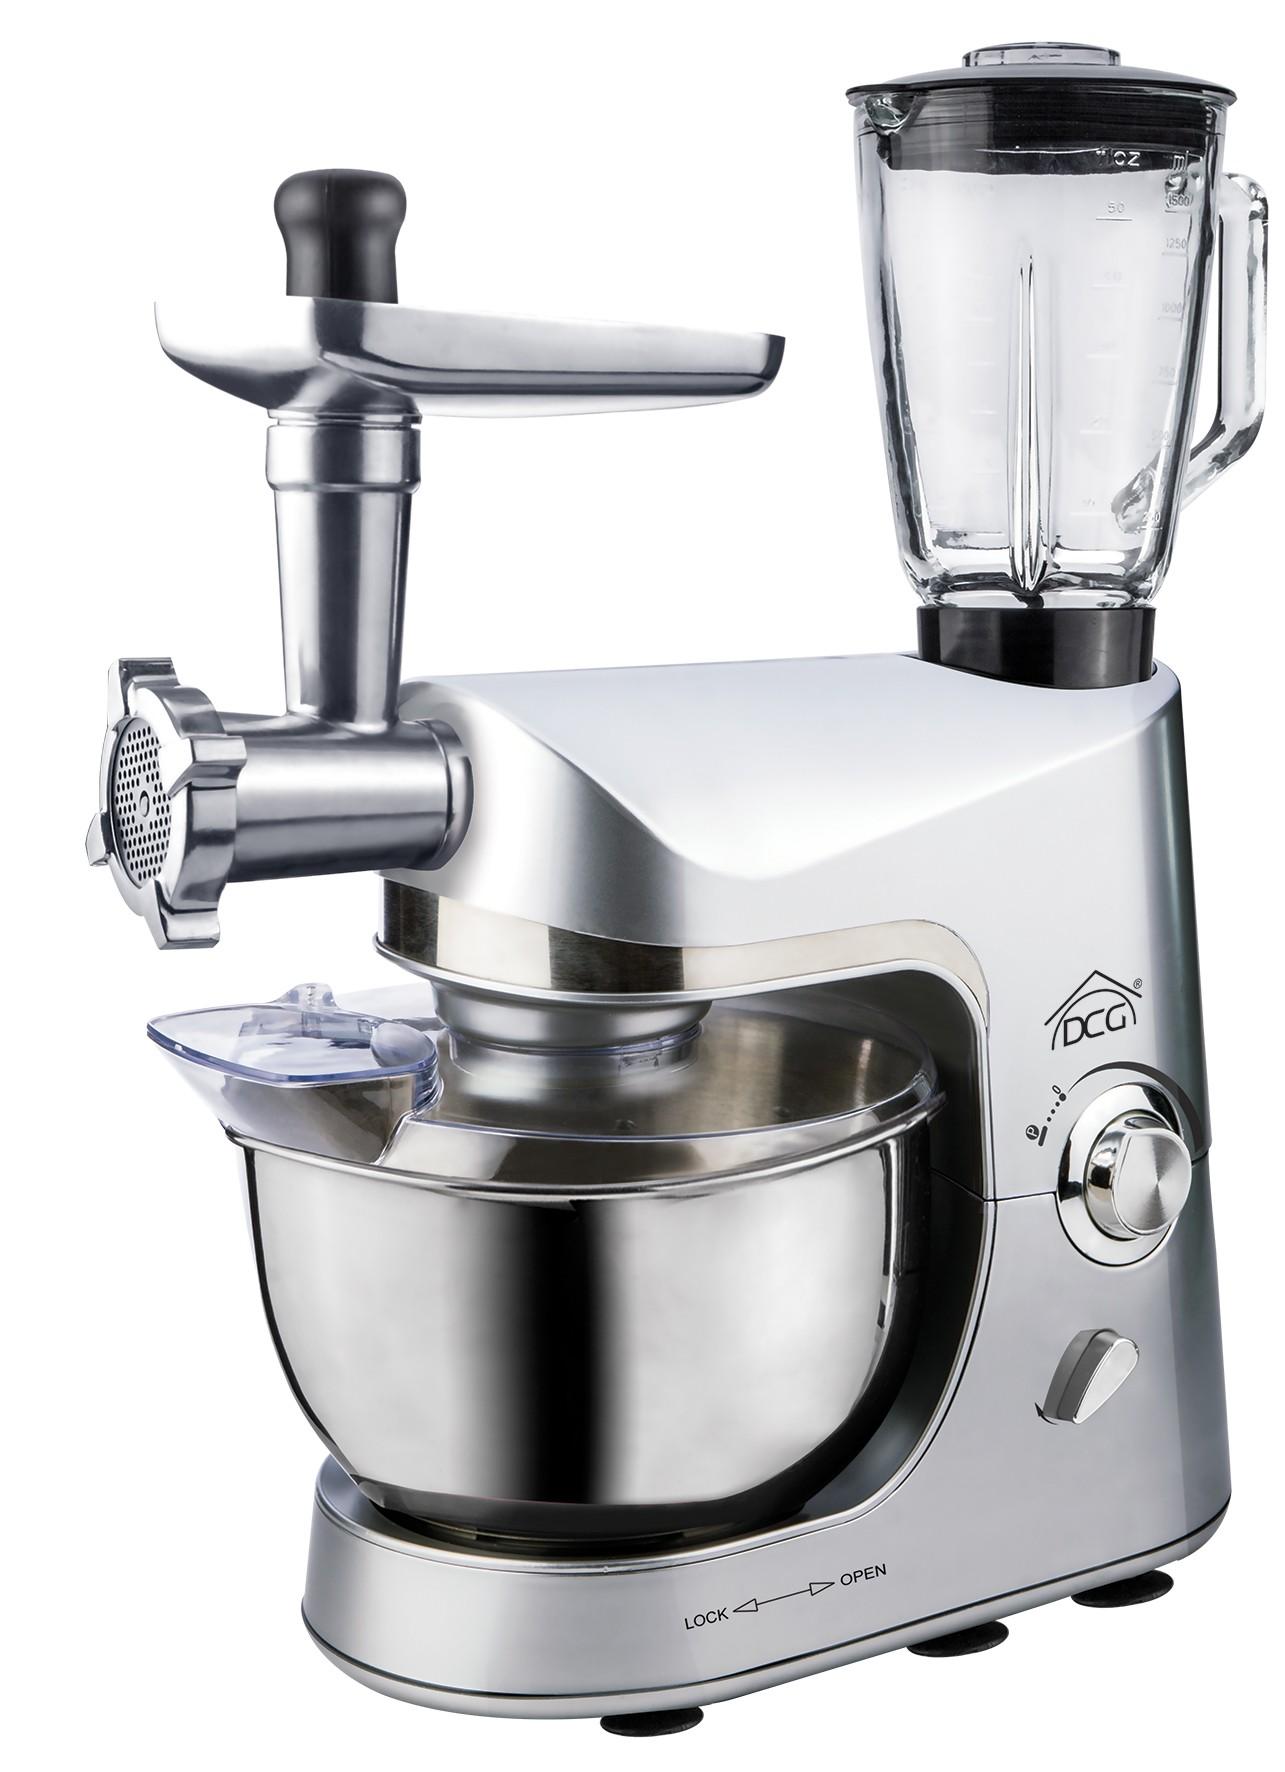 km9085 superchef dcg robot da cucina planetaria impastatrice - Robot Da Cucina Impastatrice